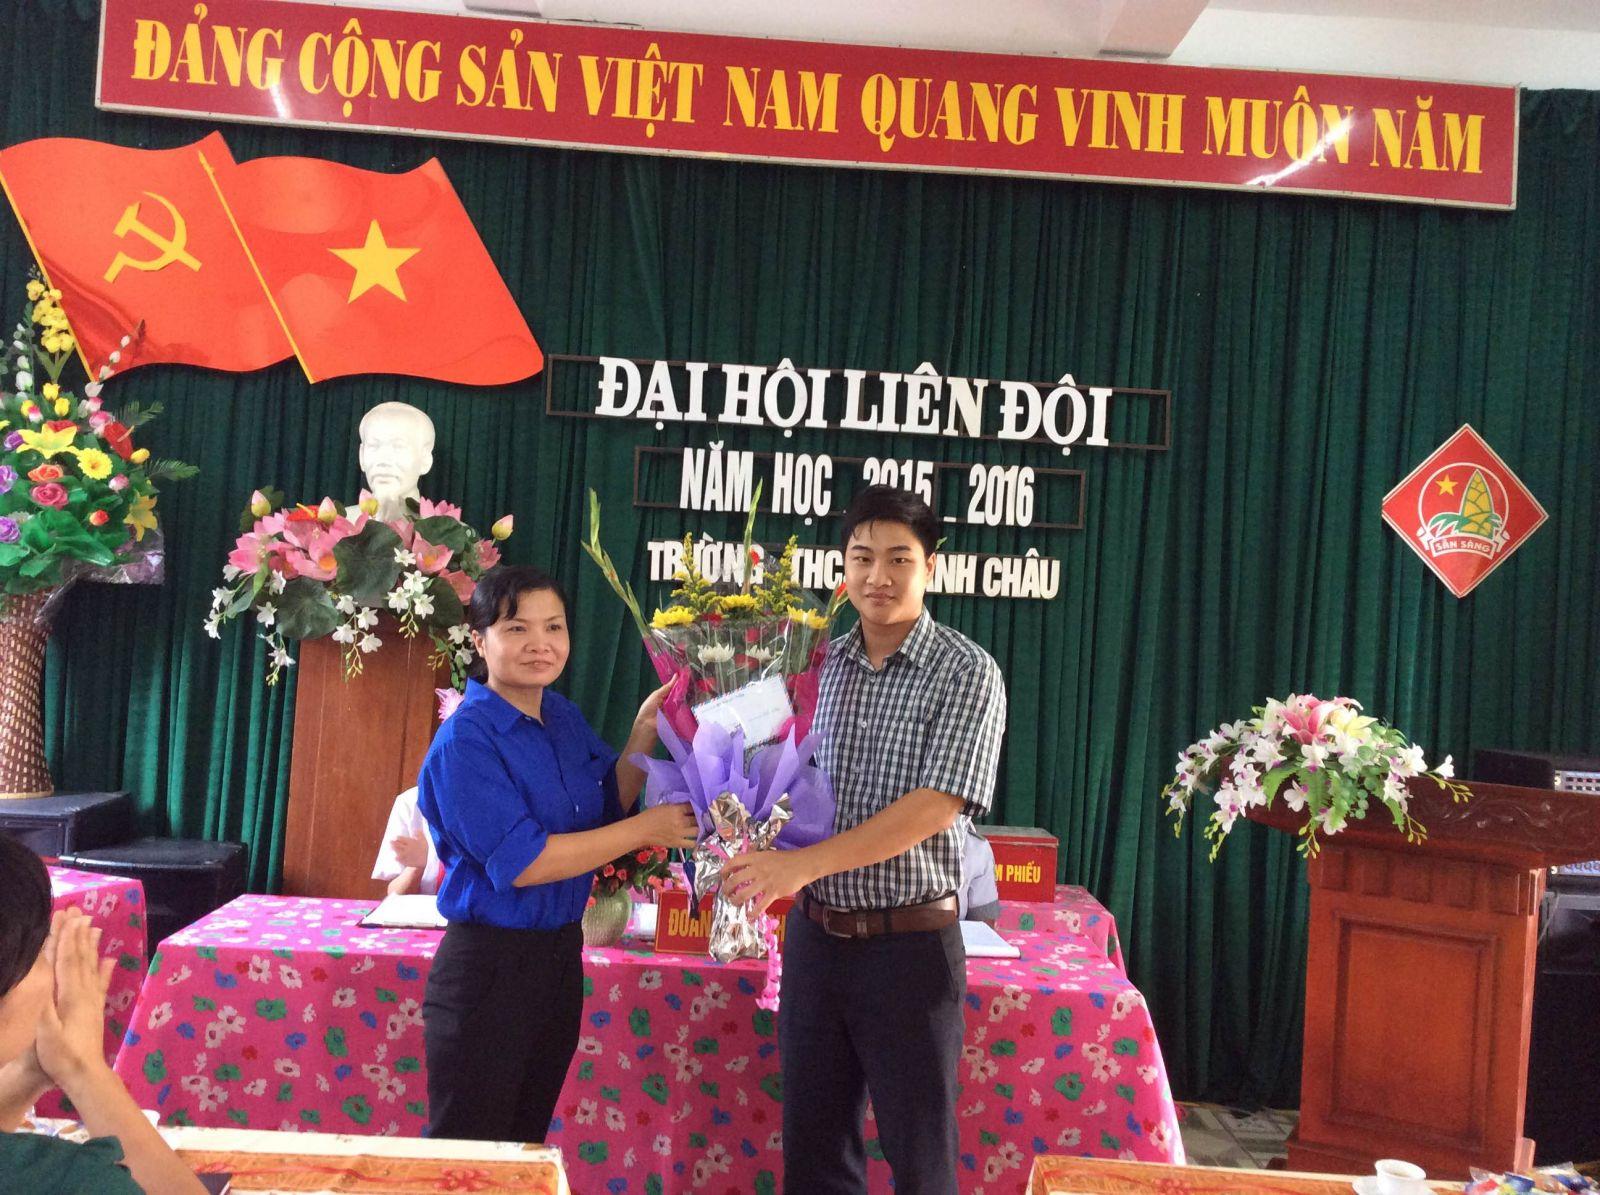 Đồng chí Phan Đức Mười - Bí thư Đoàn phường tặng hoa cho Đại hội